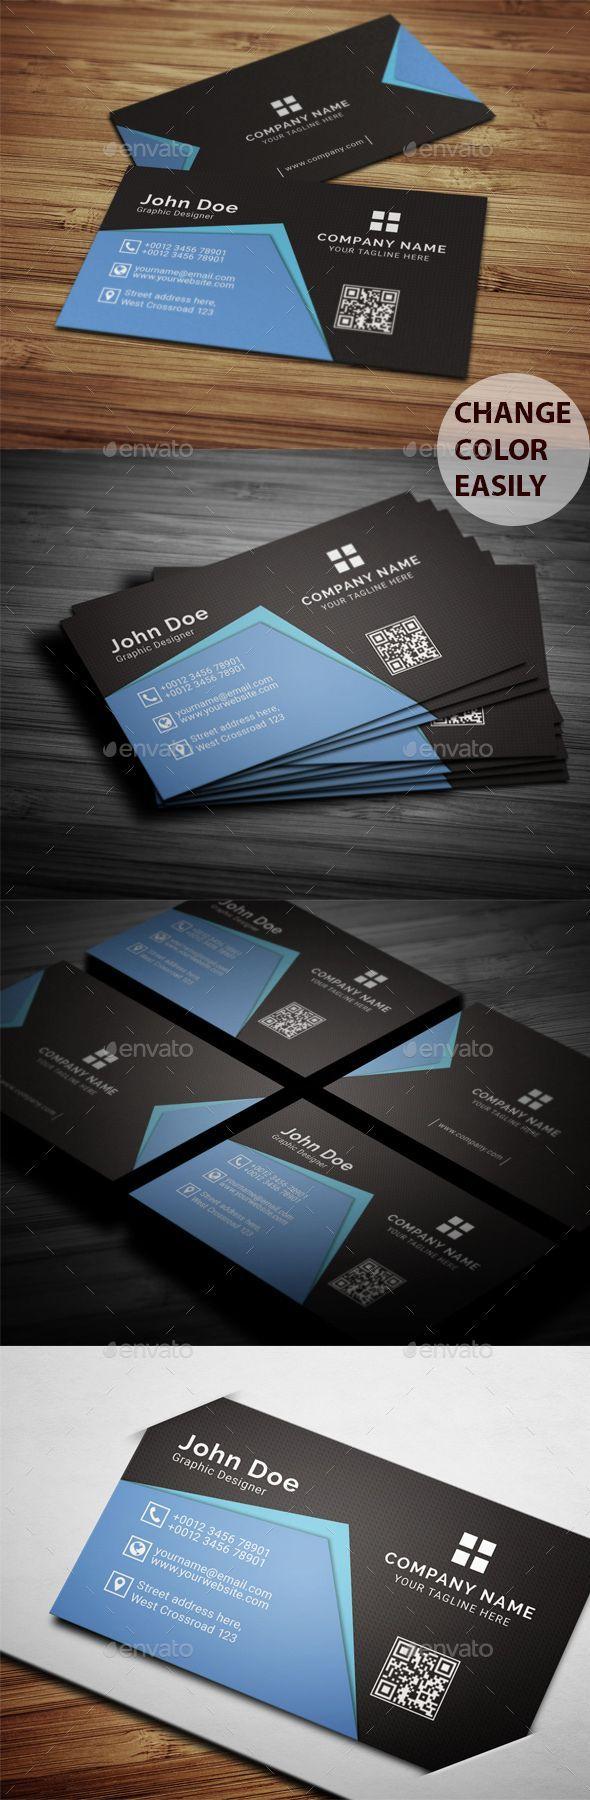 34 best DJ Business Cards images on Pinterest   Dj business cards ...